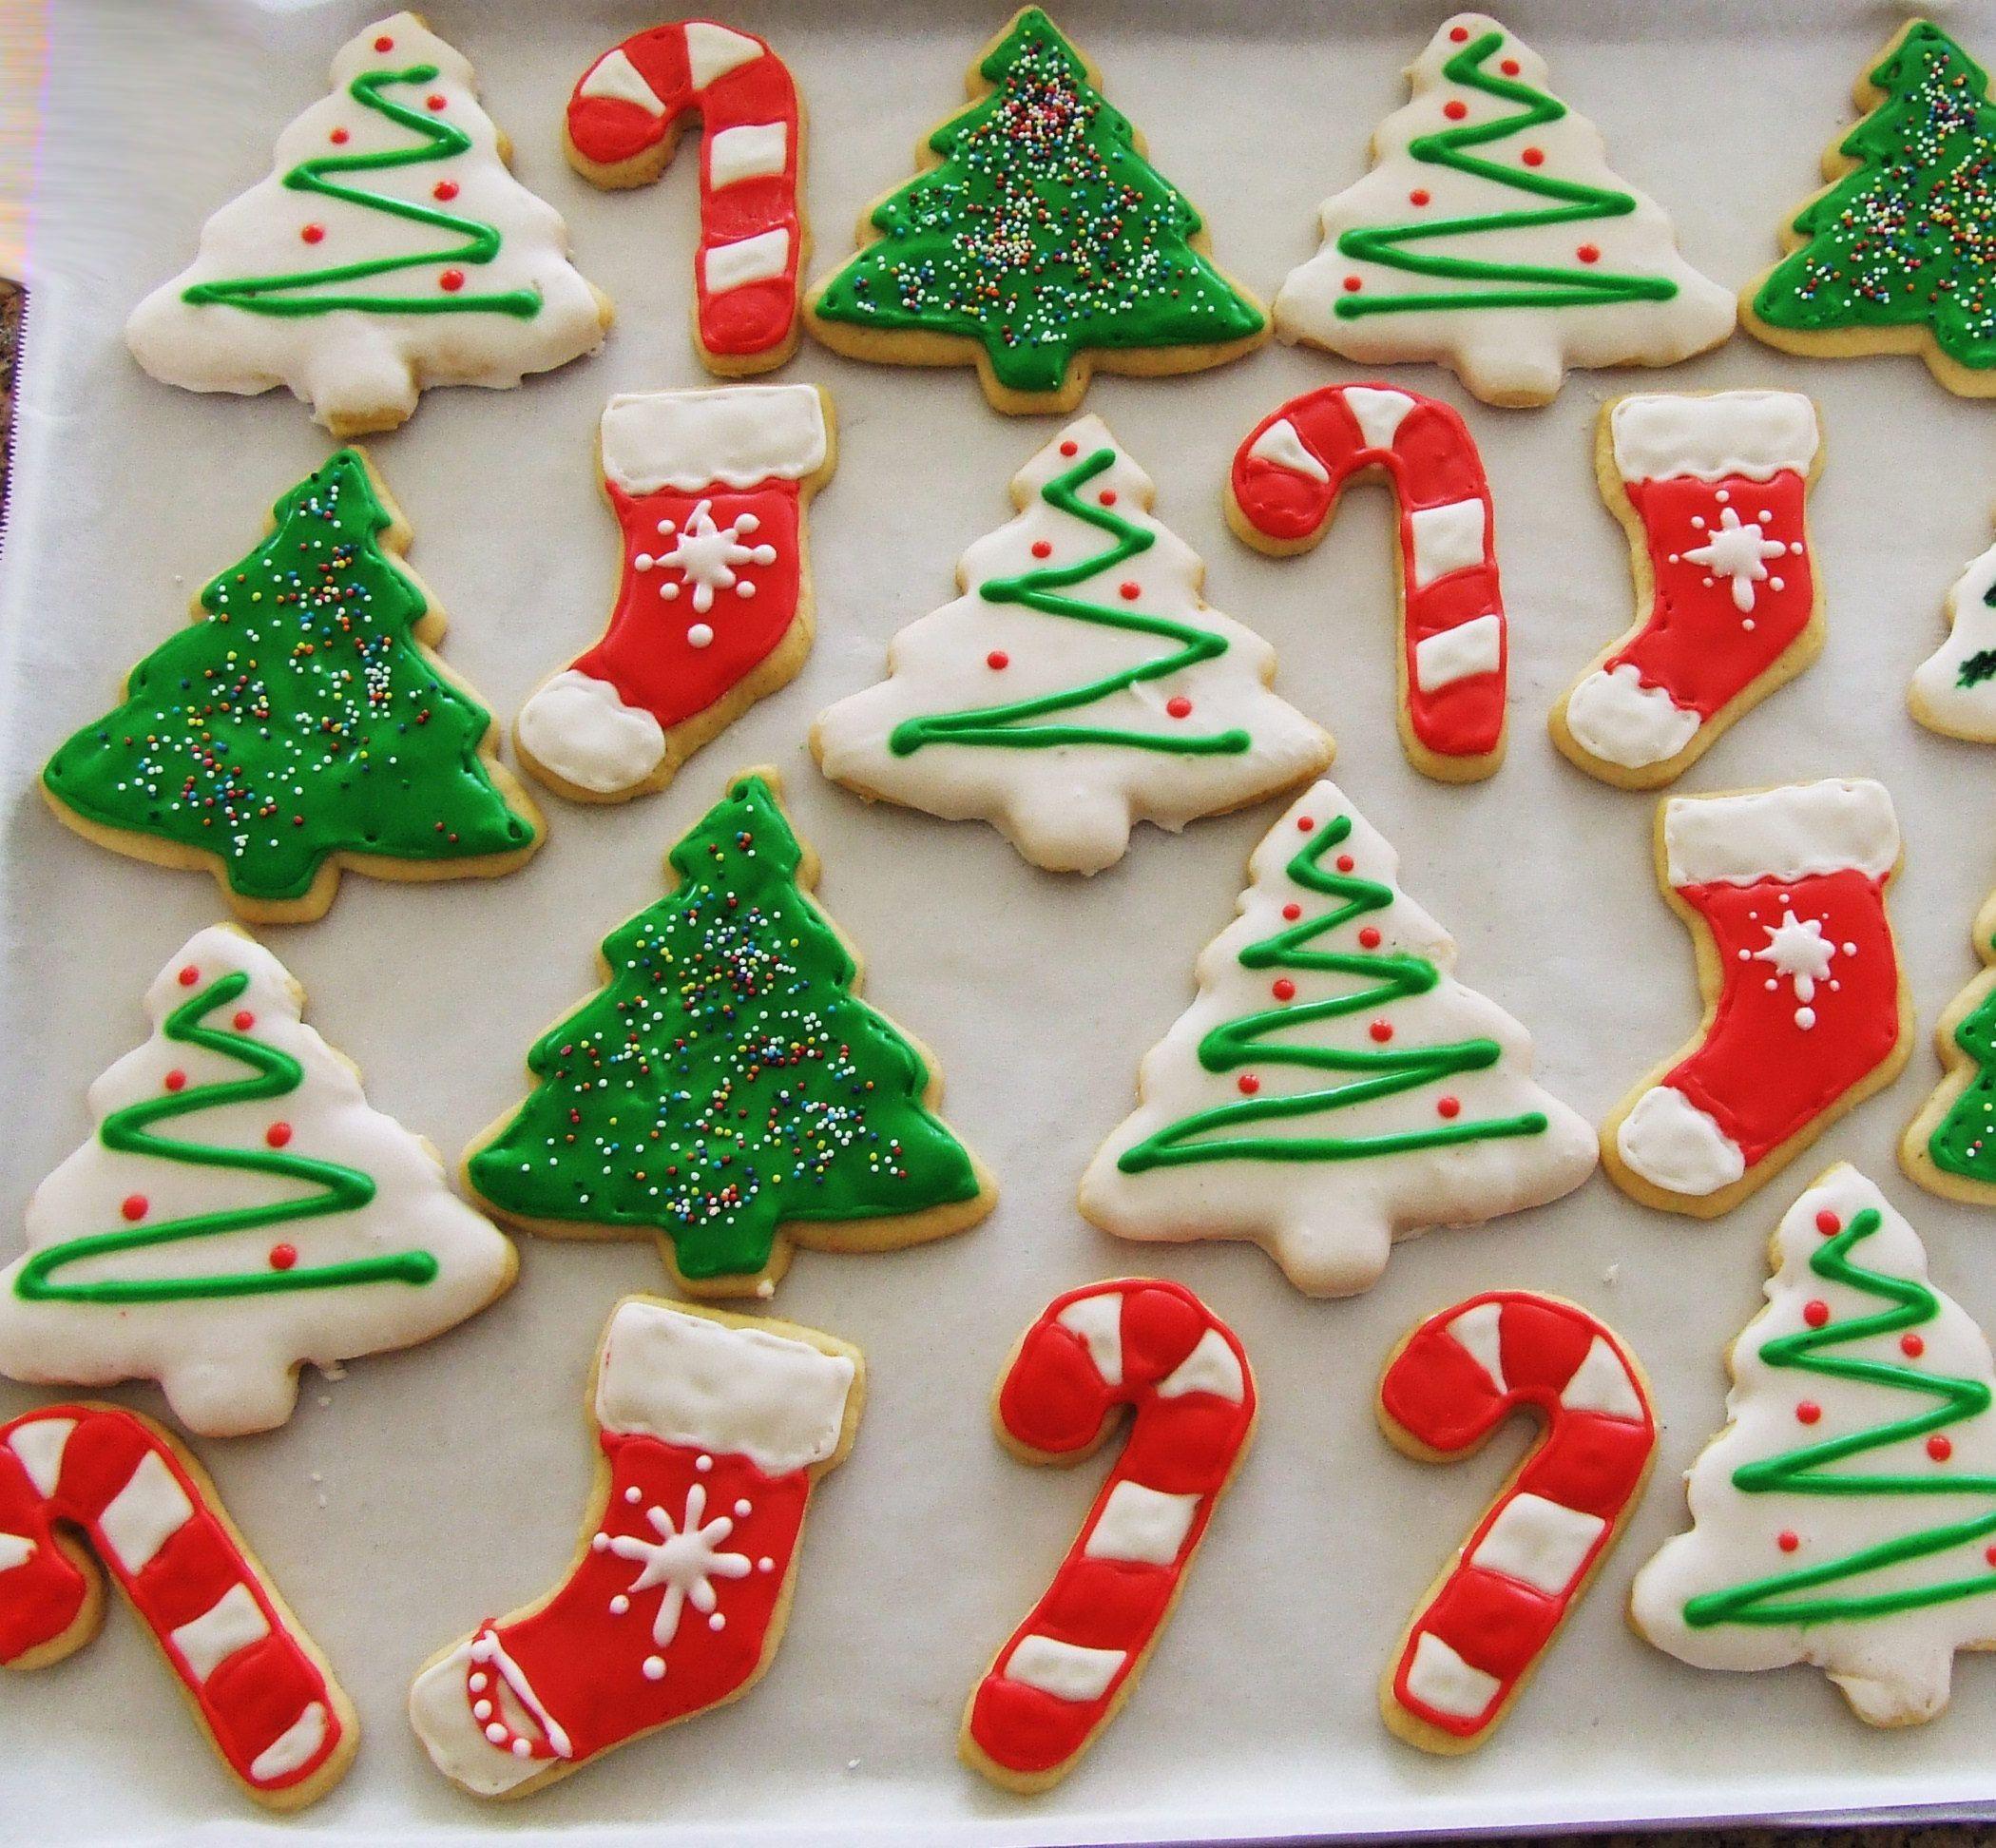 Christmas Sugar Cookie Decorating Ideas Beautiful Galletitas Navide Easy Christmas Cookies Decorating Christmas Sugar Cookies Decorated Christmas Sugar Cookies